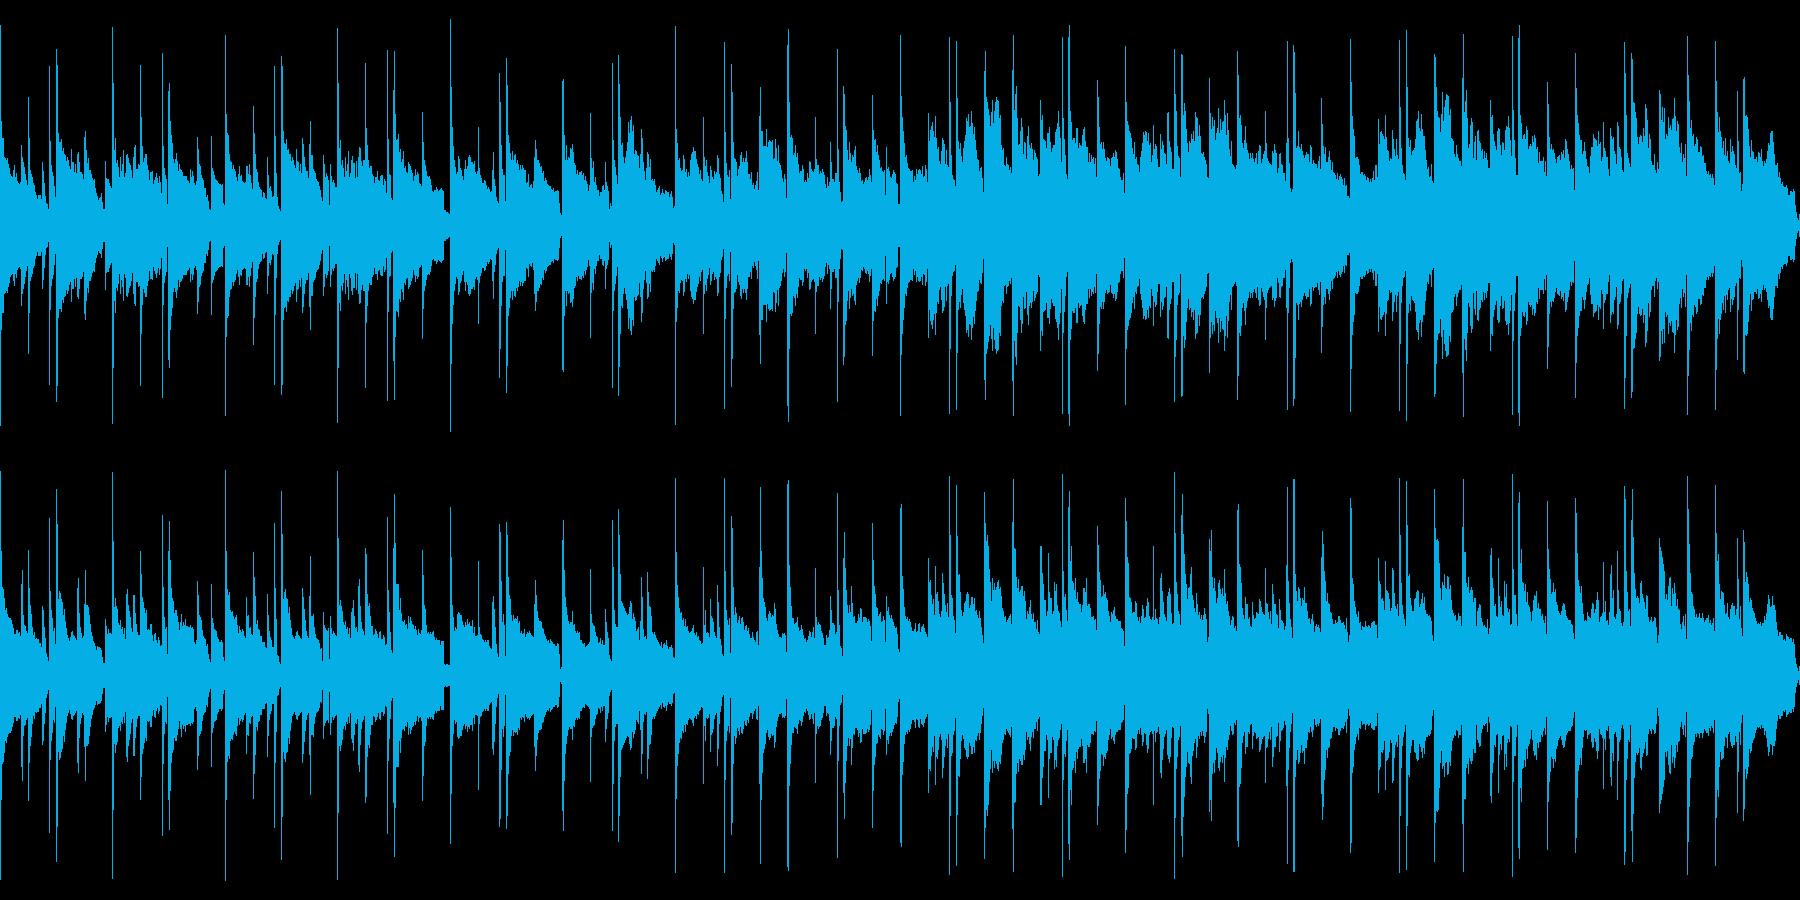 琴でゆったり透明感のある和風曲(ループの再生済みの波形